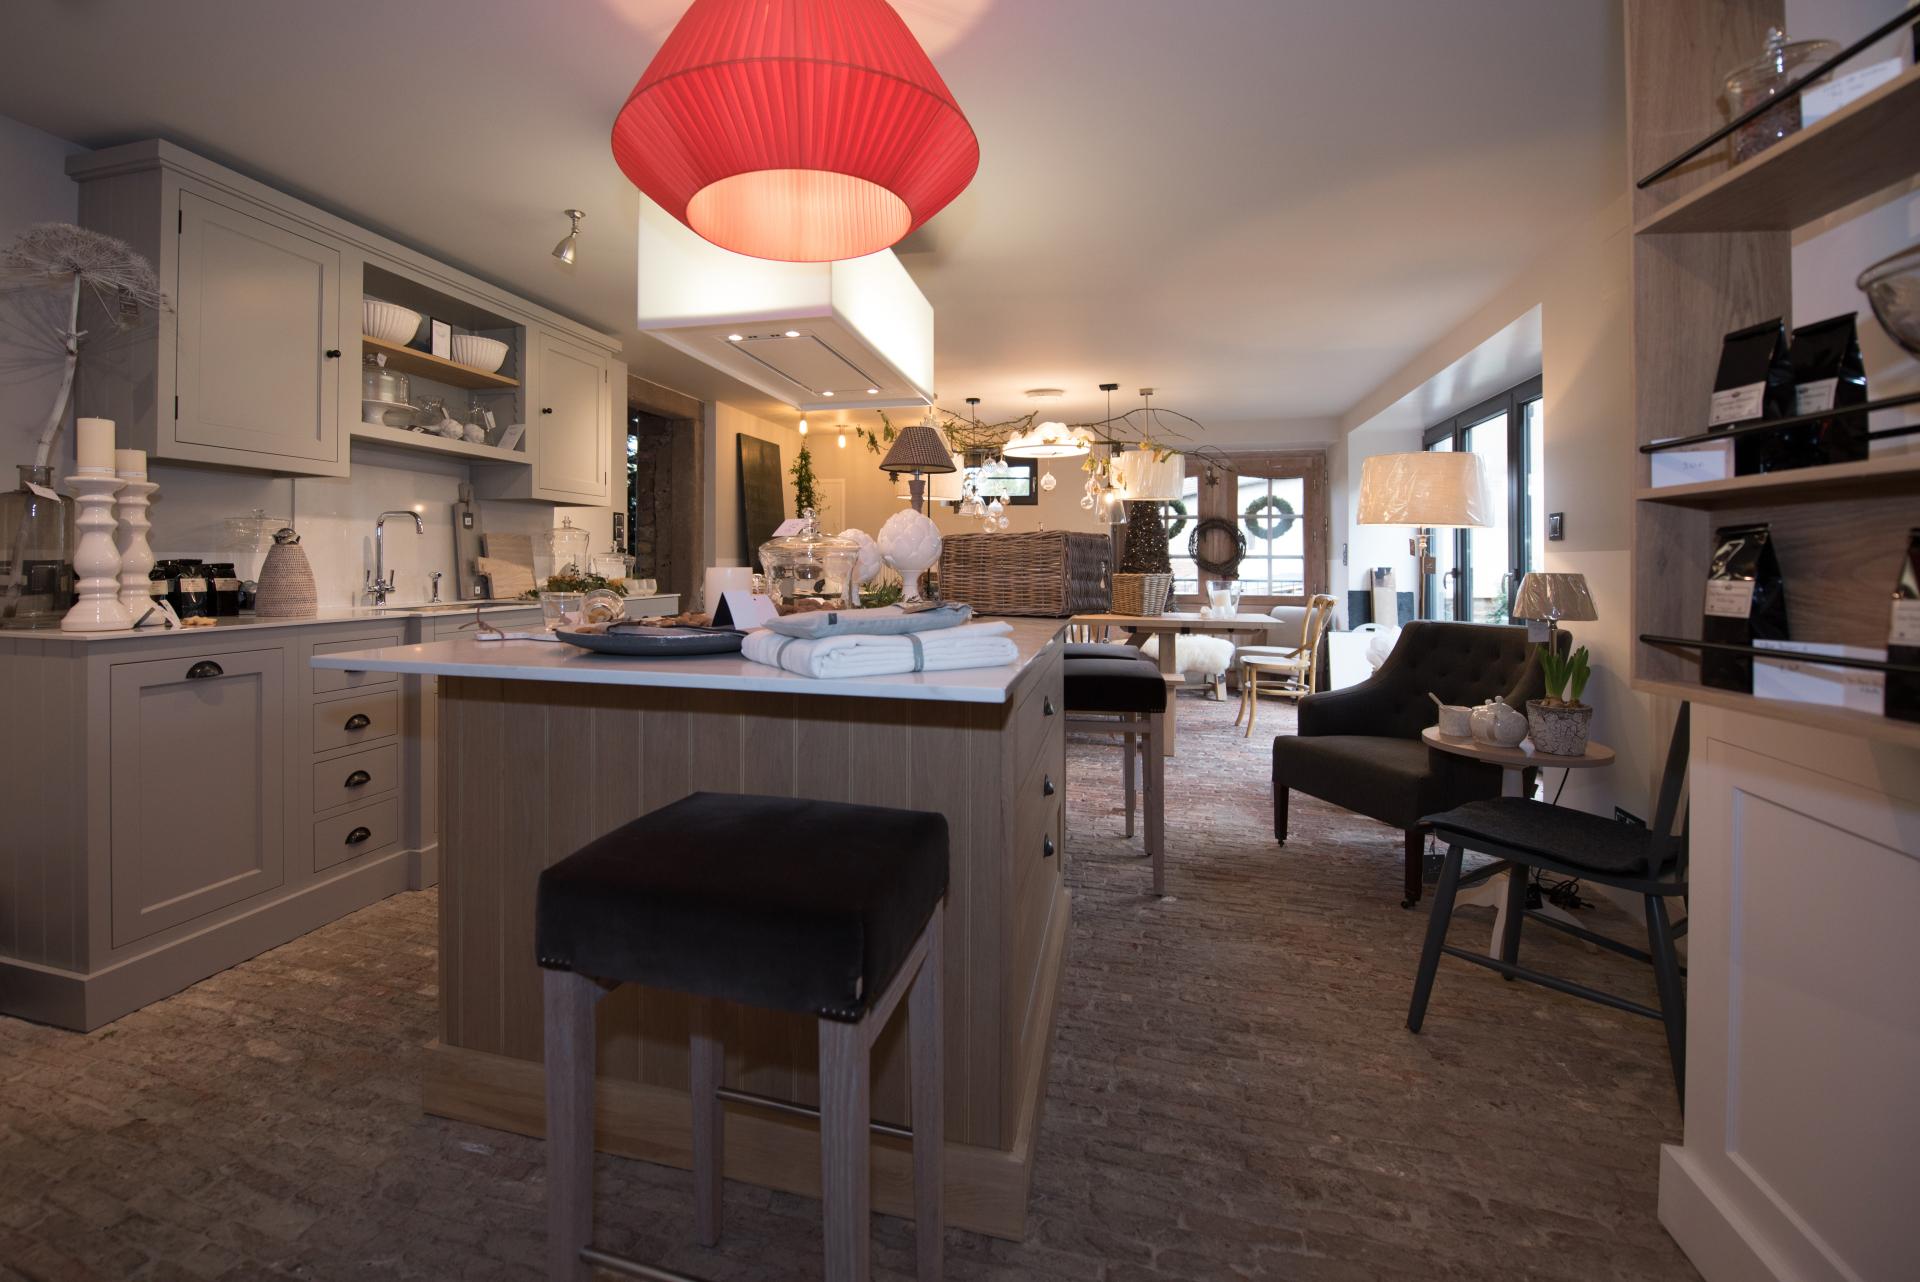 Architecte D Interieur Moselle mi figue mi raisin - architecte d'intérieur metz thionville